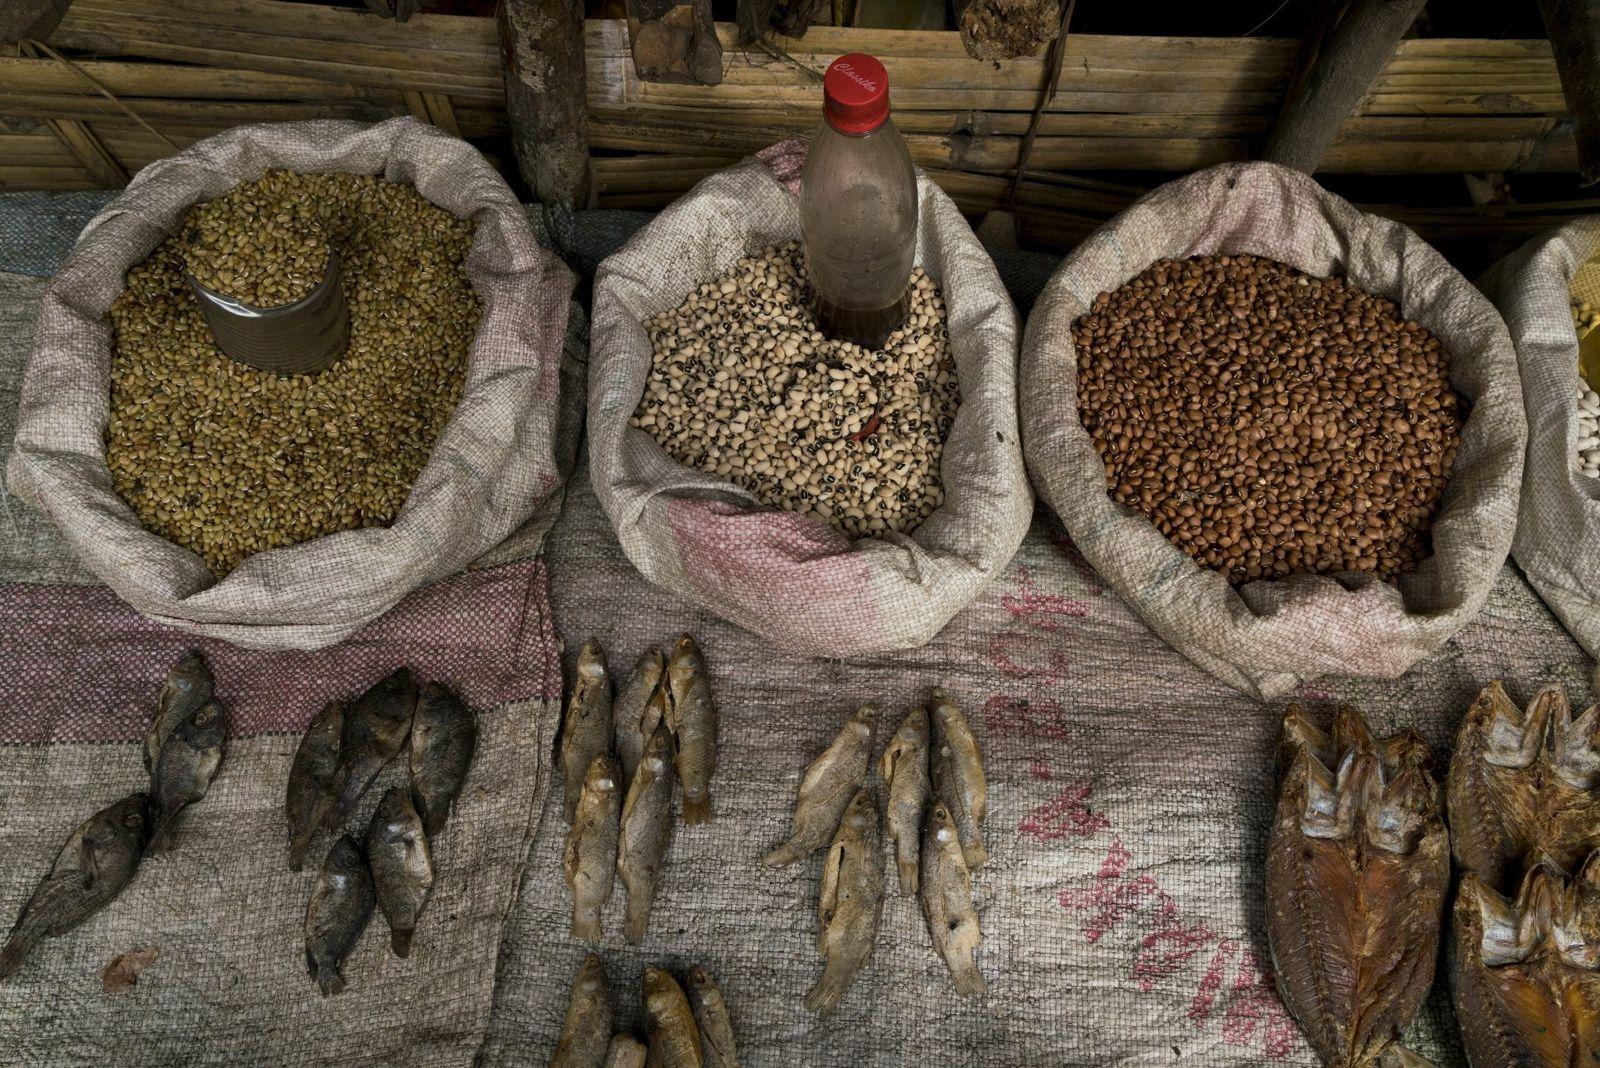 Du poisson séché, des céréales et des haricots figurent parmi les produits en vente dans un ...